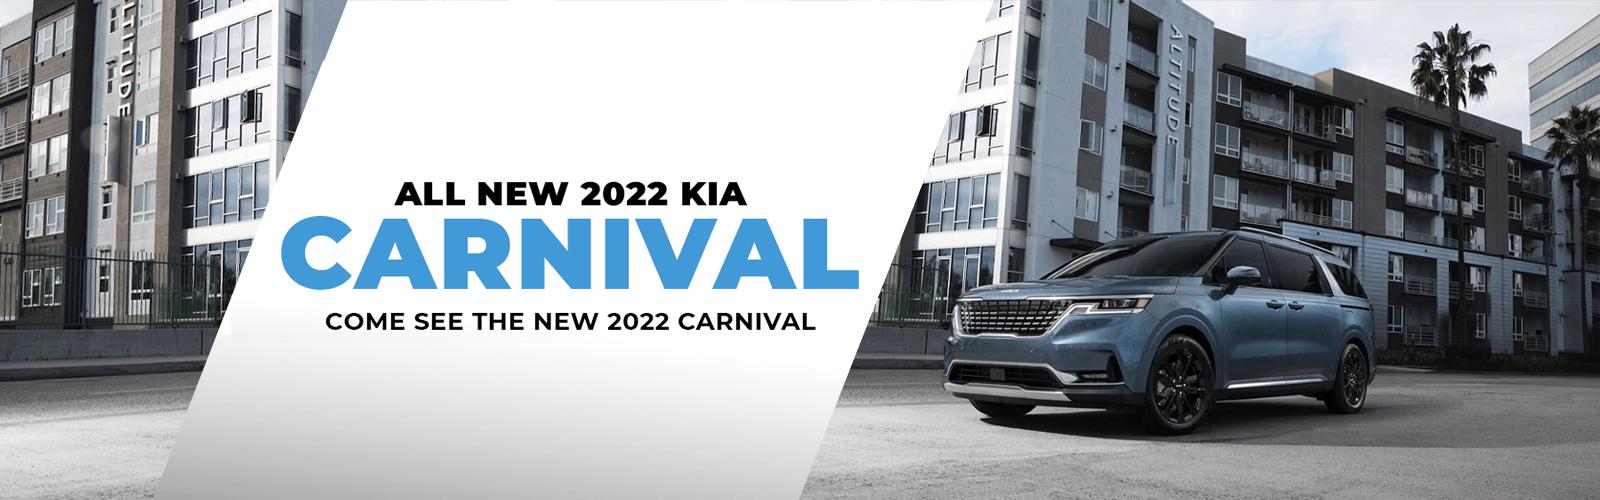 2022 Kia Carnival2